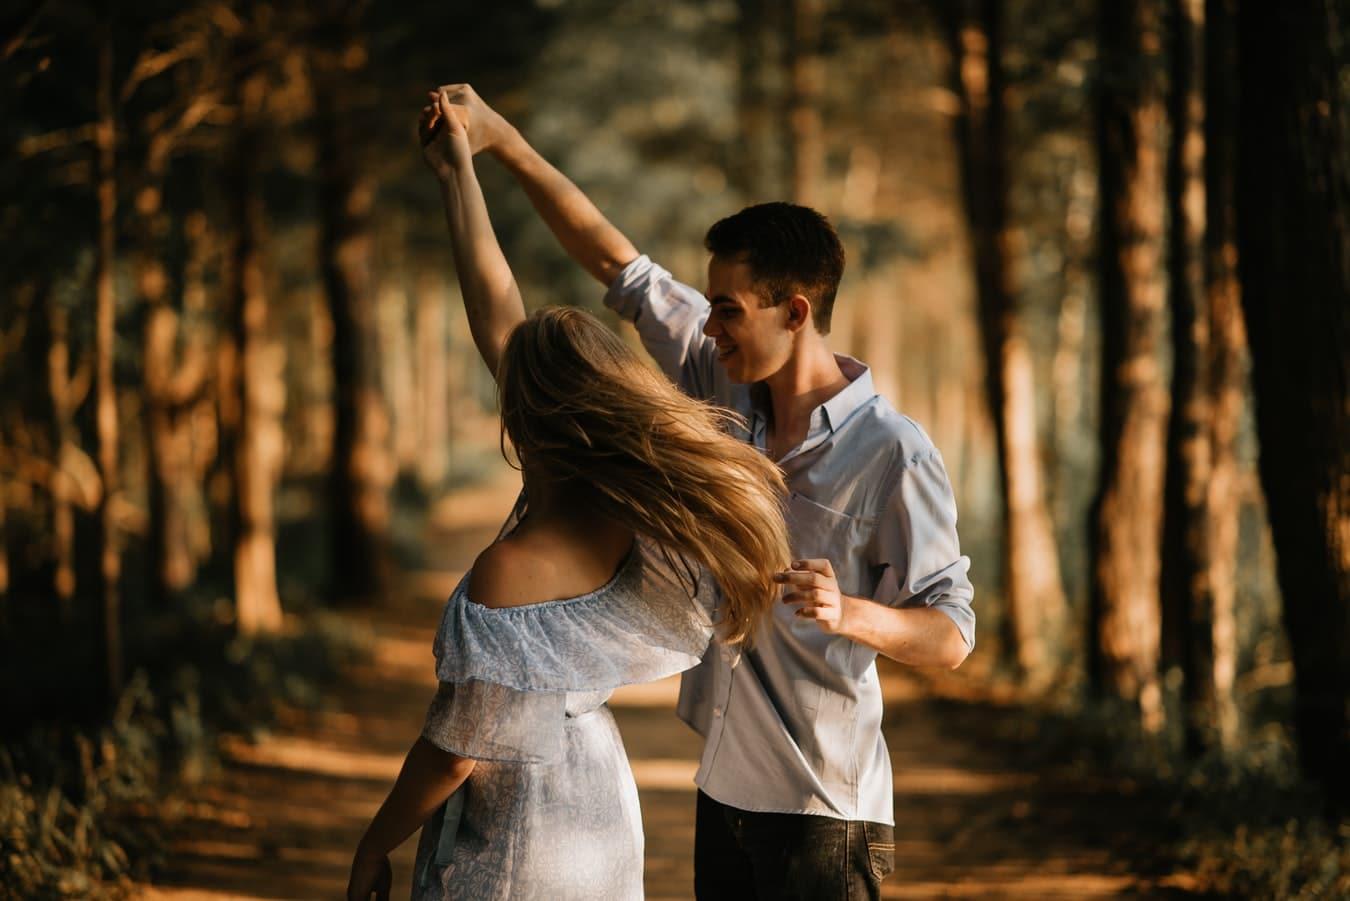 Citation Comment créer un moment magique dans une relation à distance ?